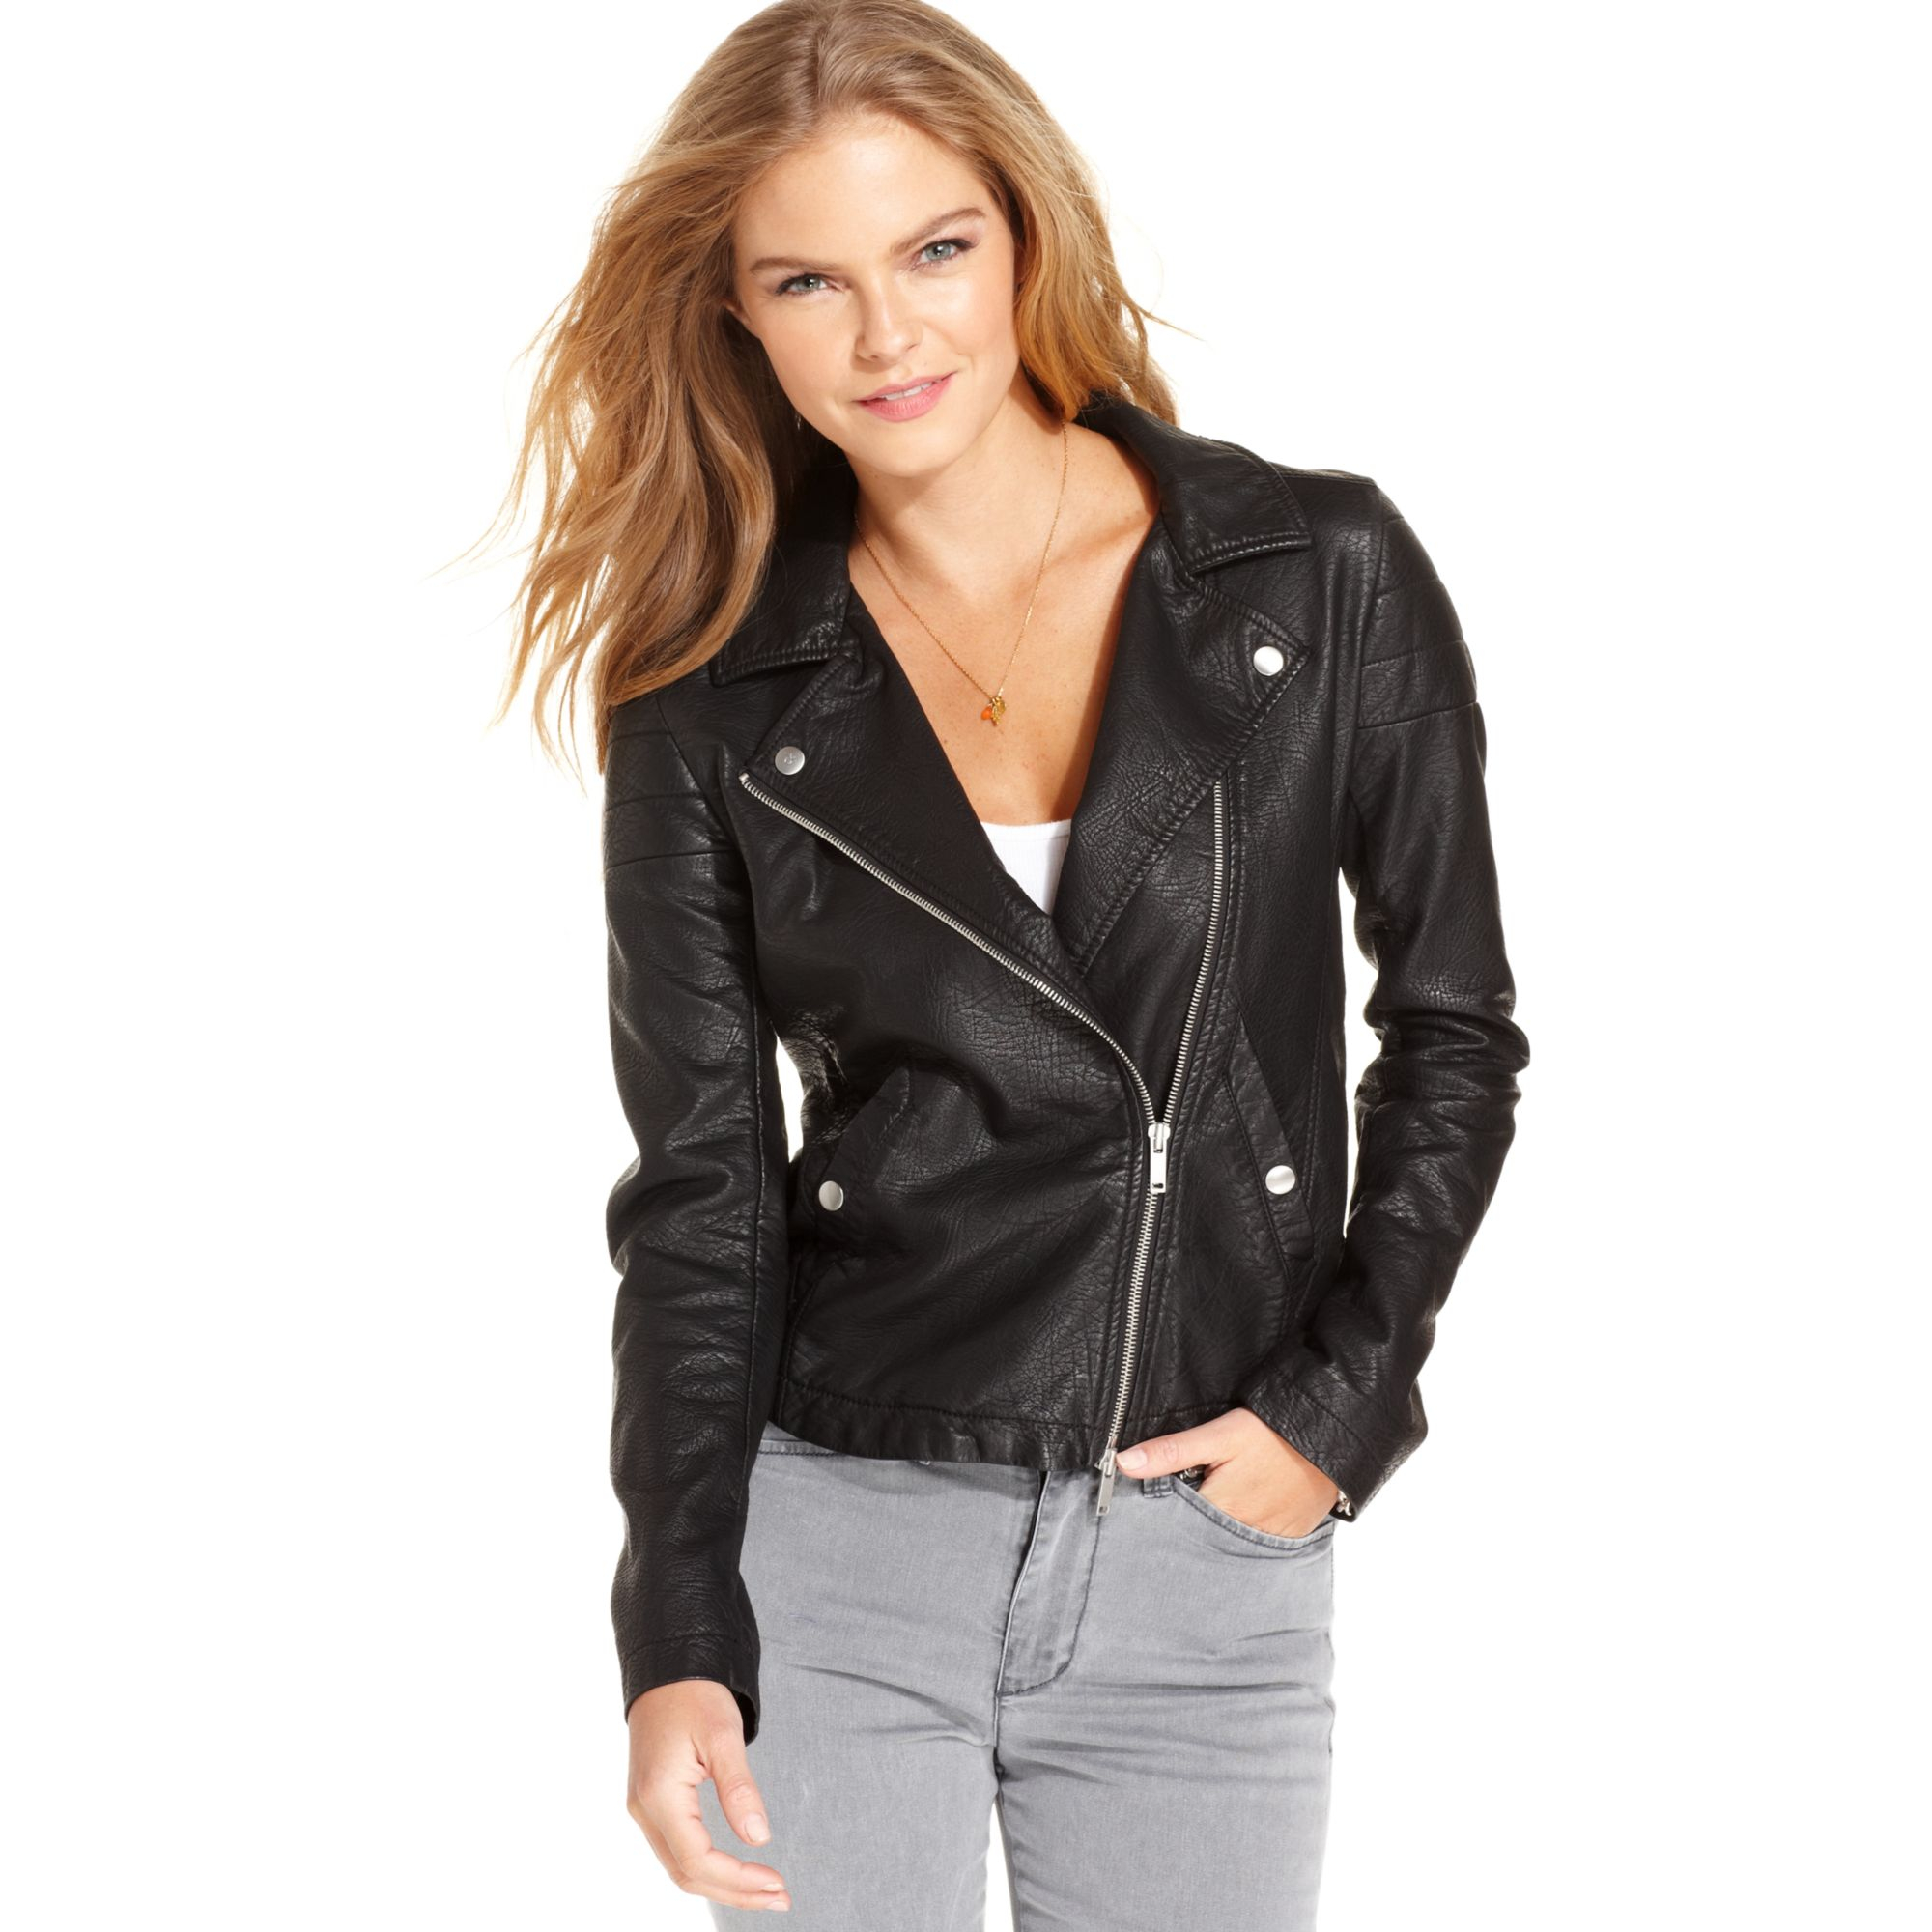 d095b35a4fe Lyst - Calvin Klein Fauxleather Moto Jacket in Black